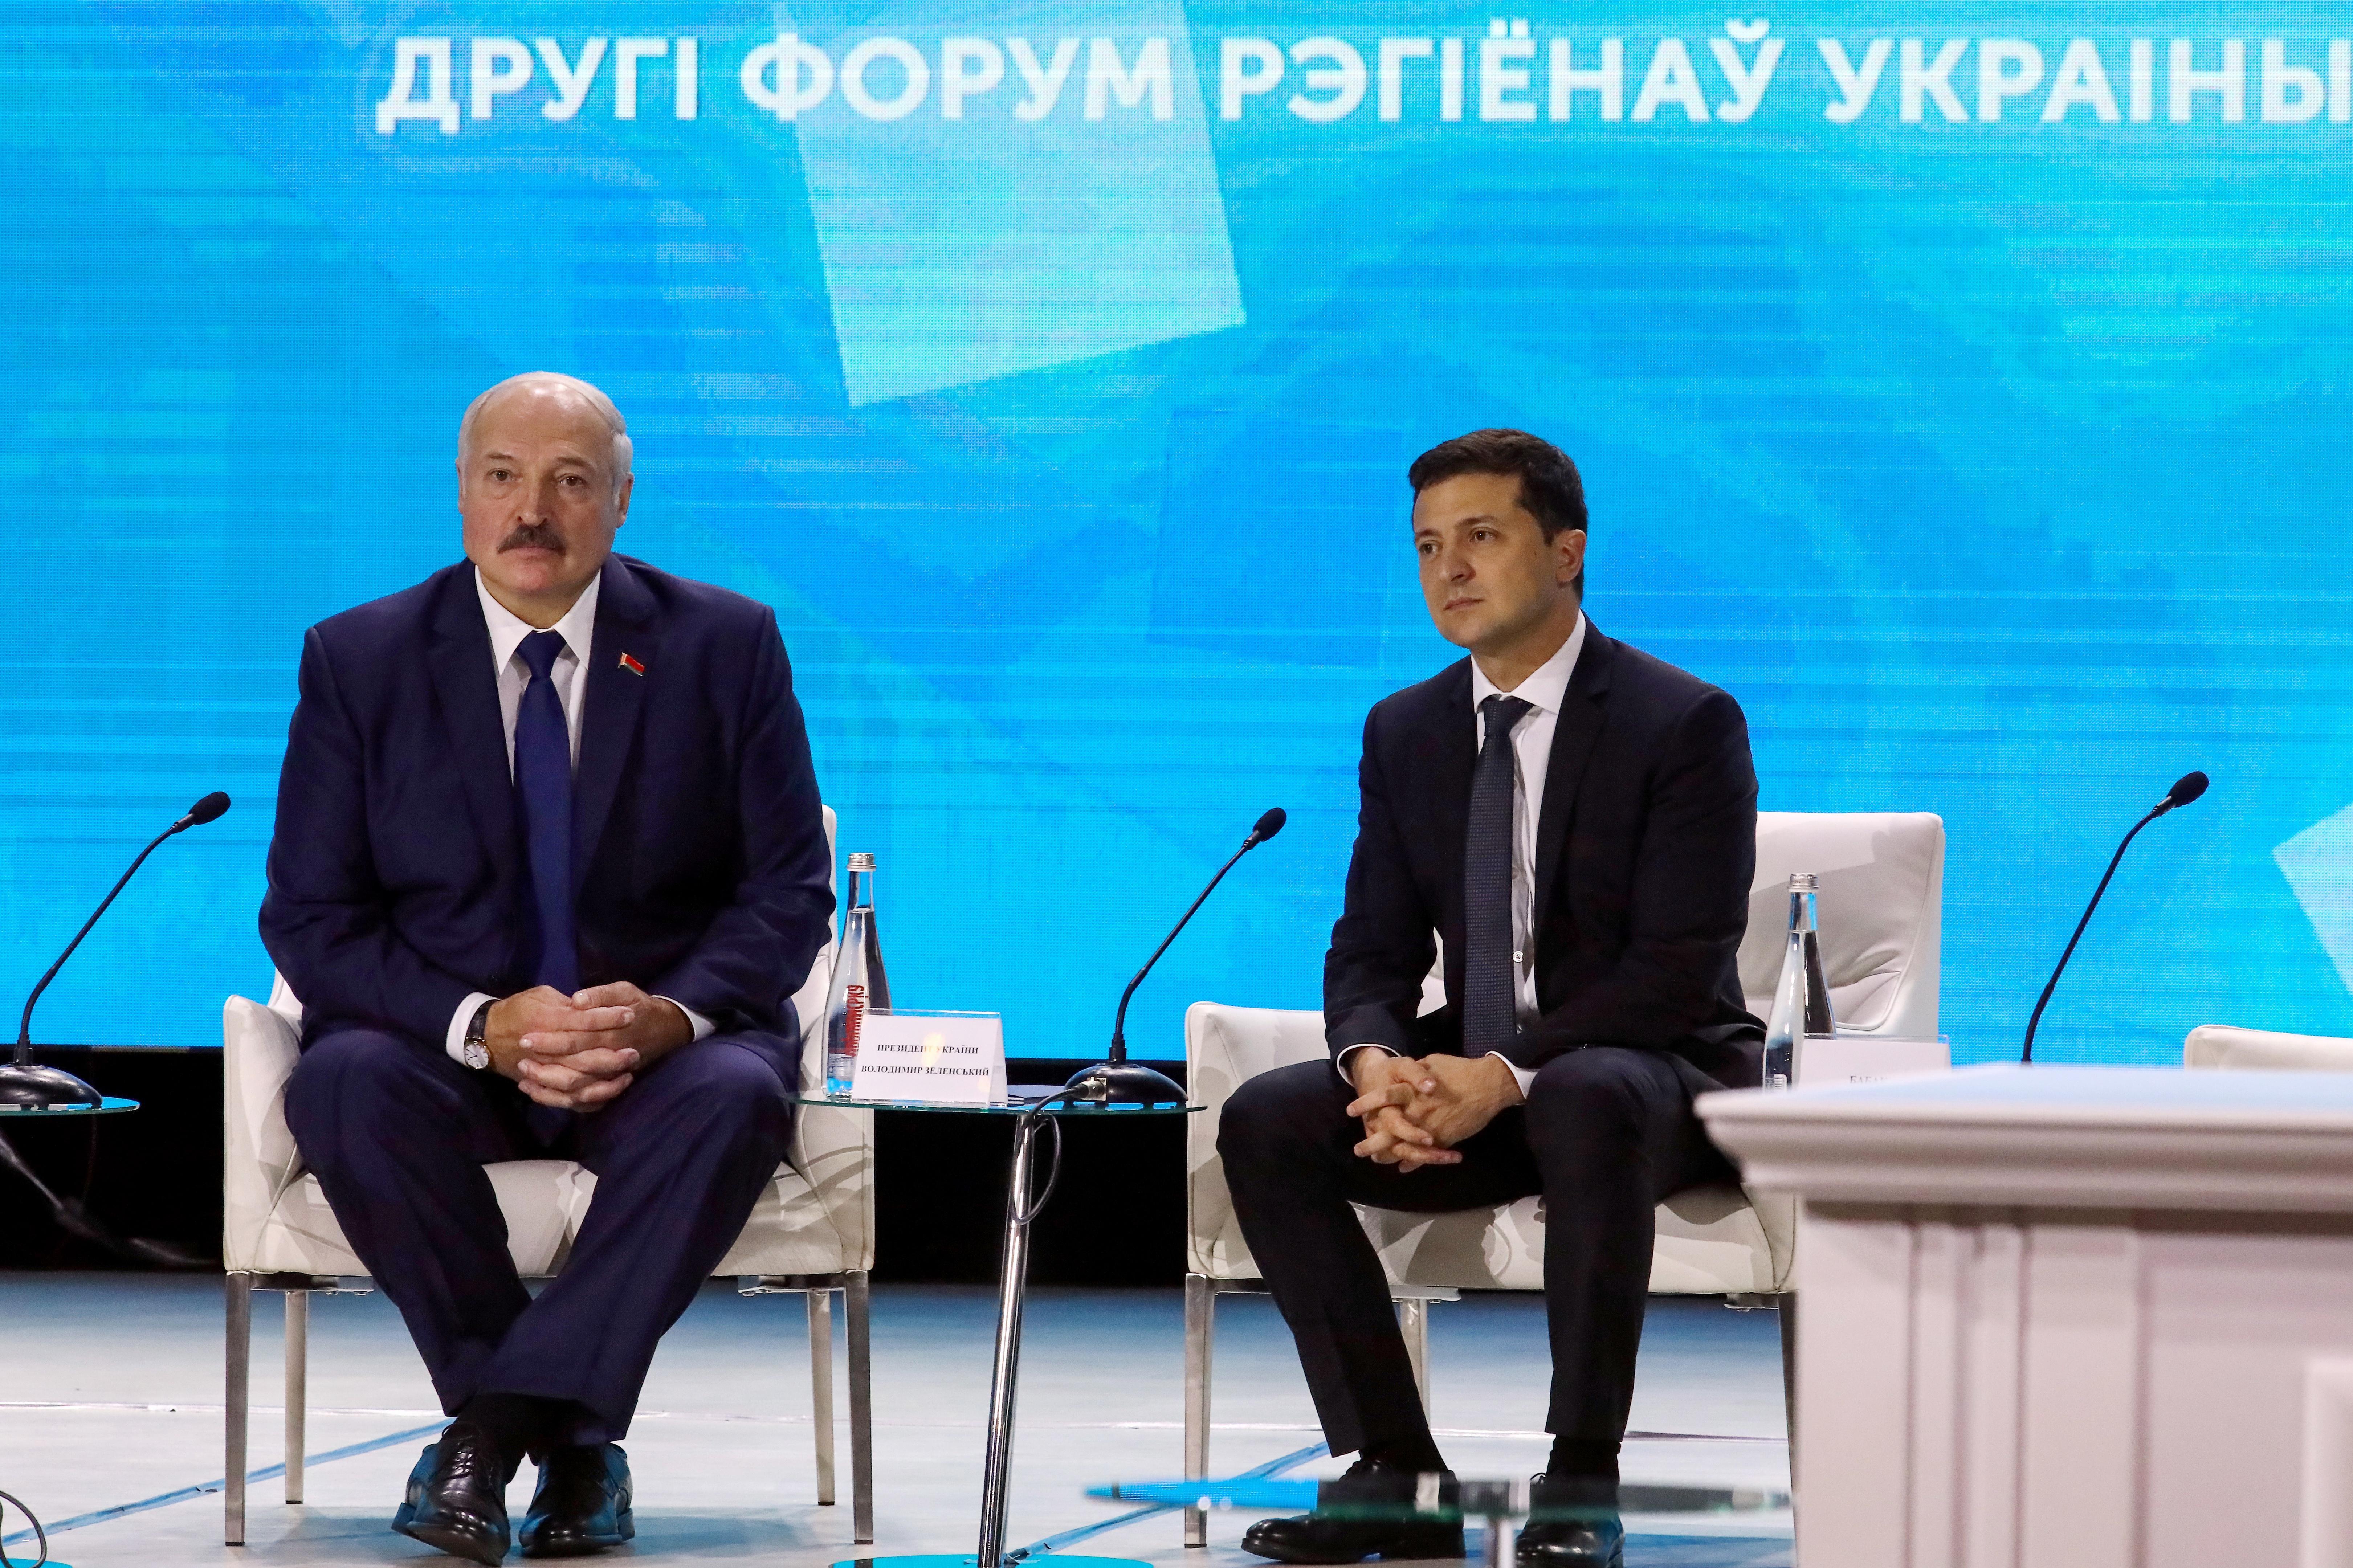 Зеленский заявил, что Лукашенко нужно провести повторные выборы президента Белоруссии